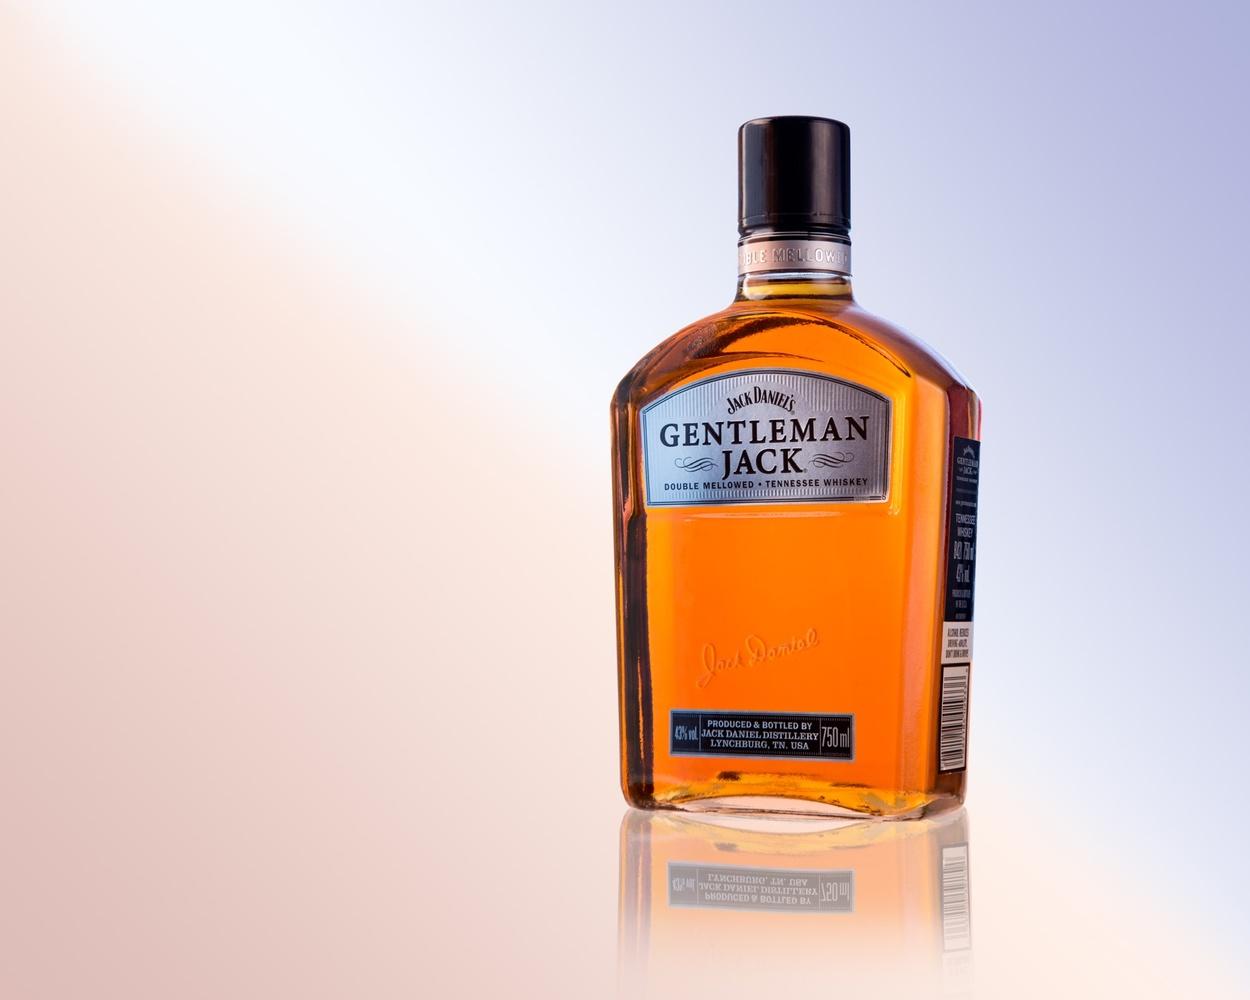 Gentle Jack by Llewellyn Badham-Thornhill